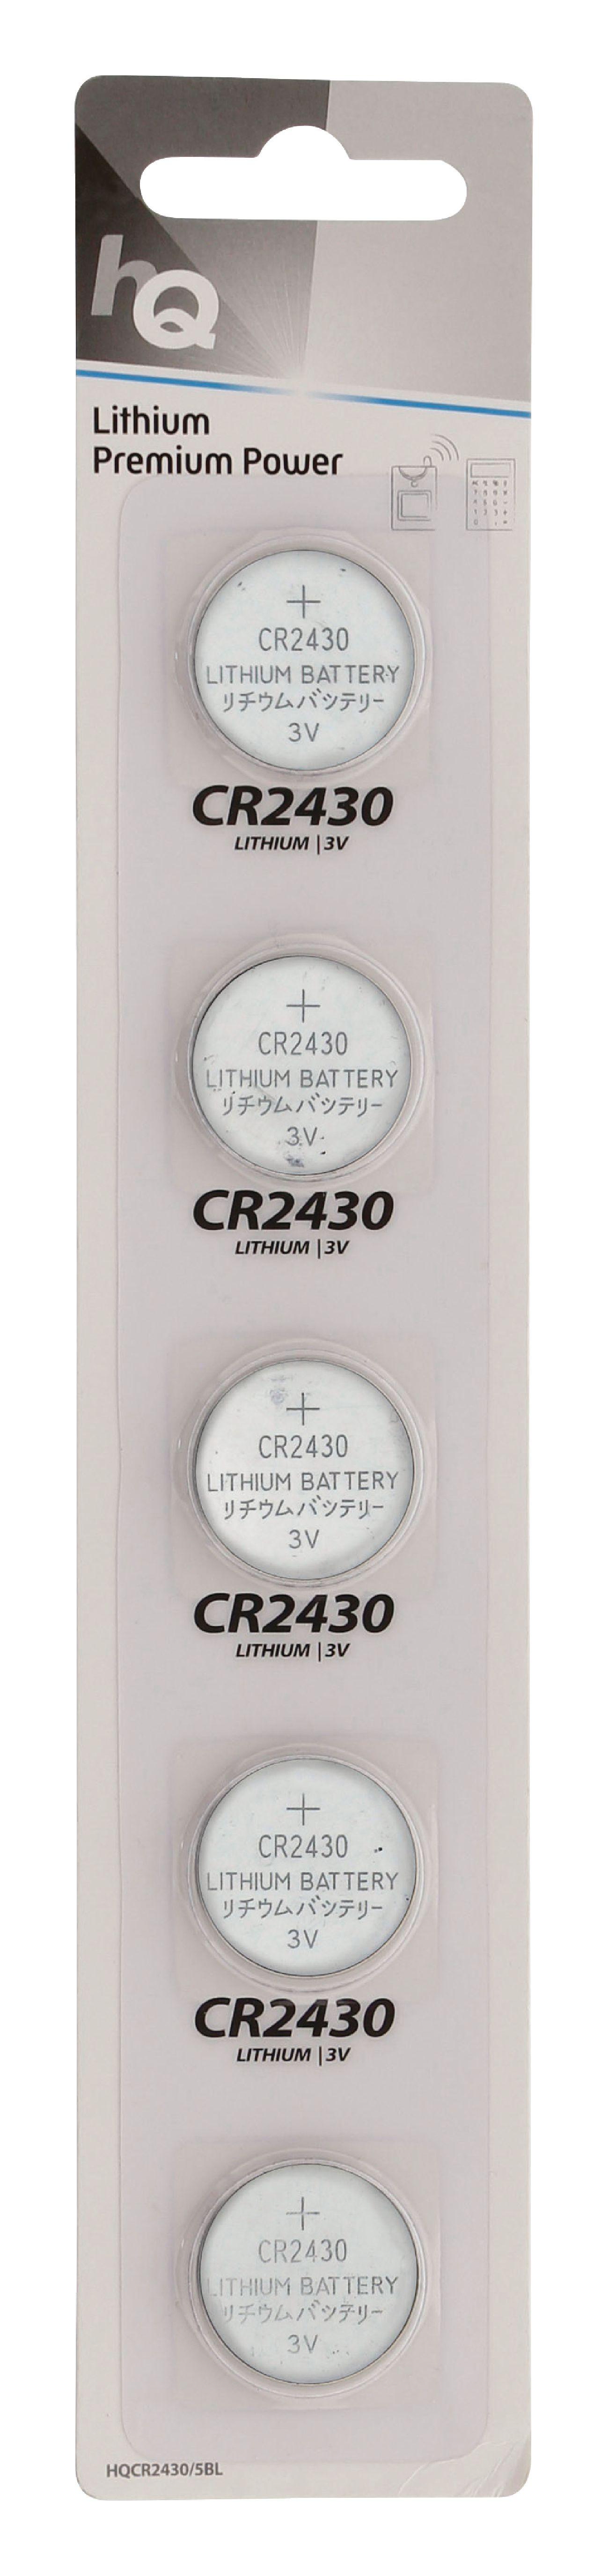 HQ lithiové knoflíkové baterie CR2430